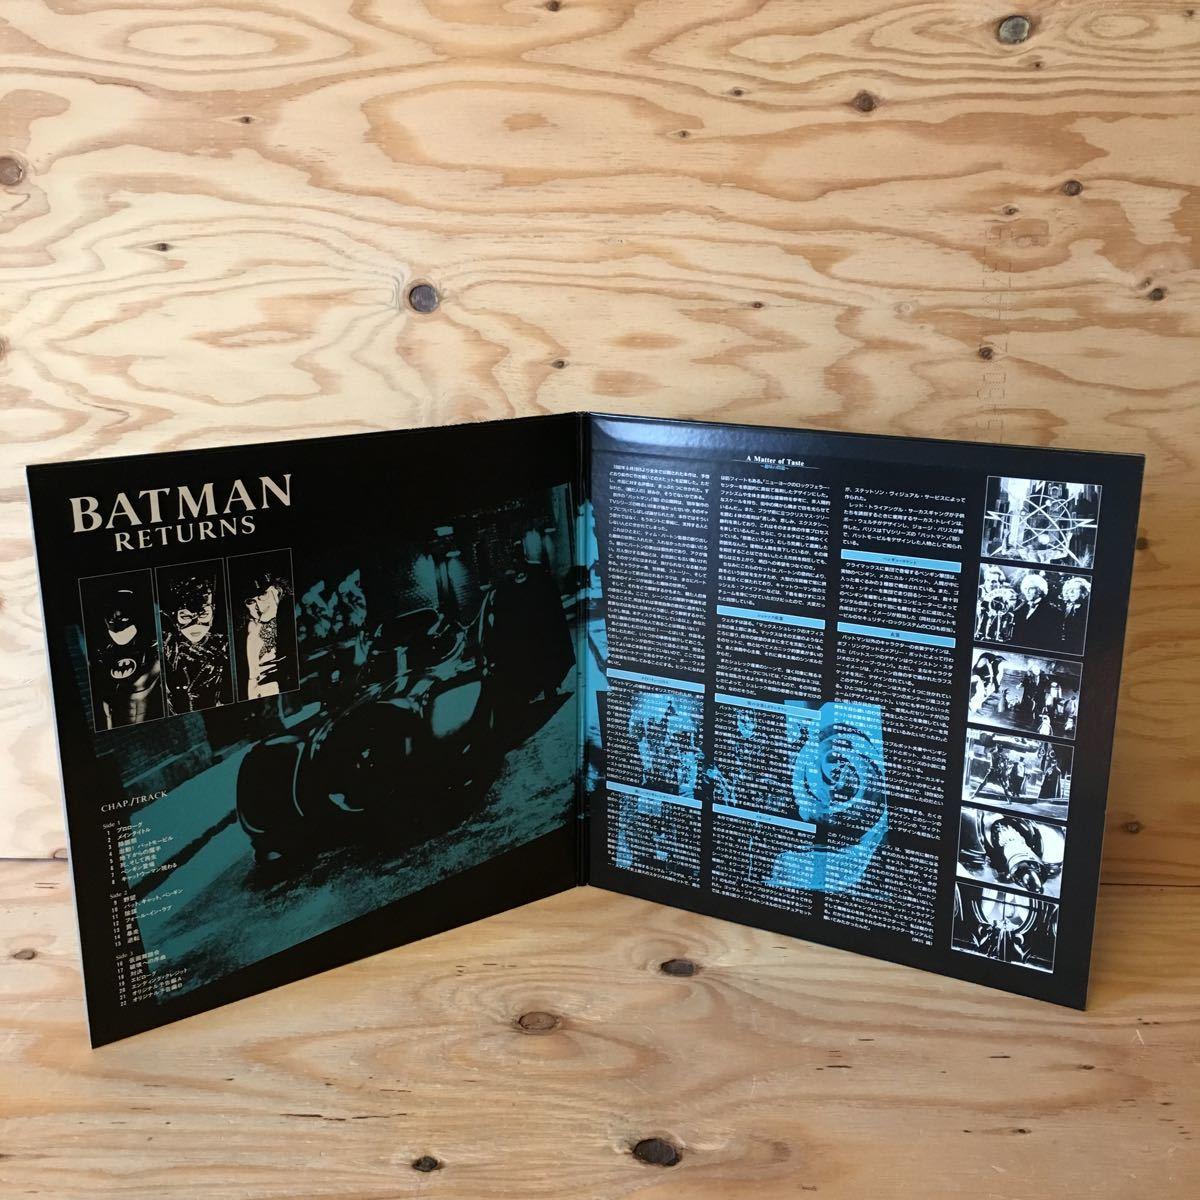 ◎3FAD-200207 レア[バットマン リターンズ BATMAN RETURNS]LD レーザーディスク マイケル・キートン ティム・バートン_画像4